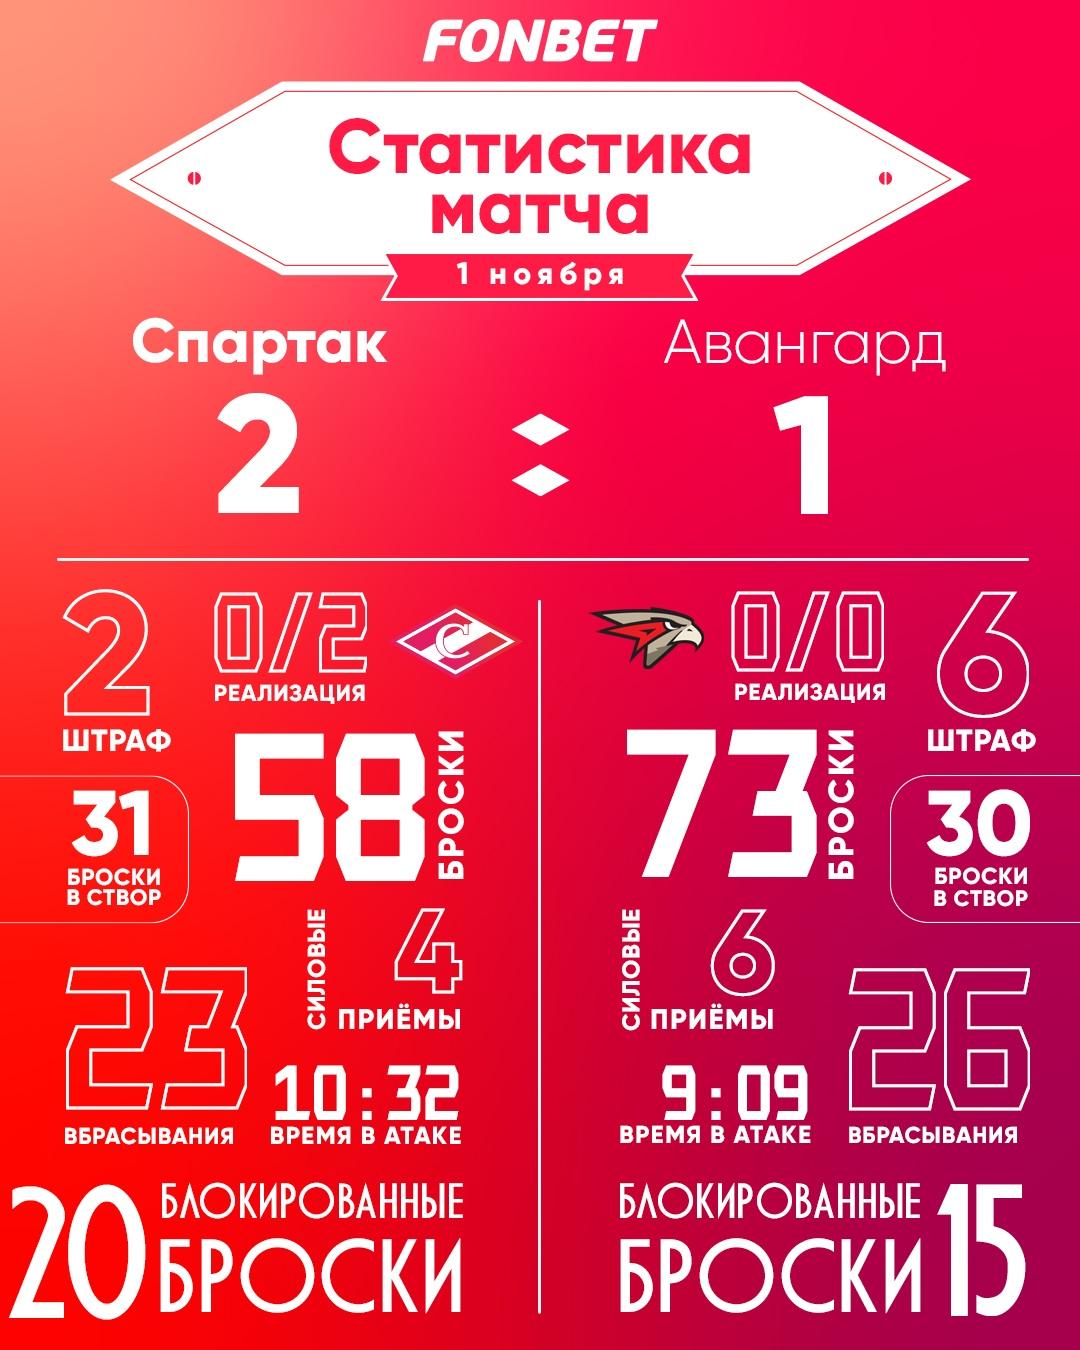 Статистика матча «Спартак» – «Авангард» 2:1 (ОТ)